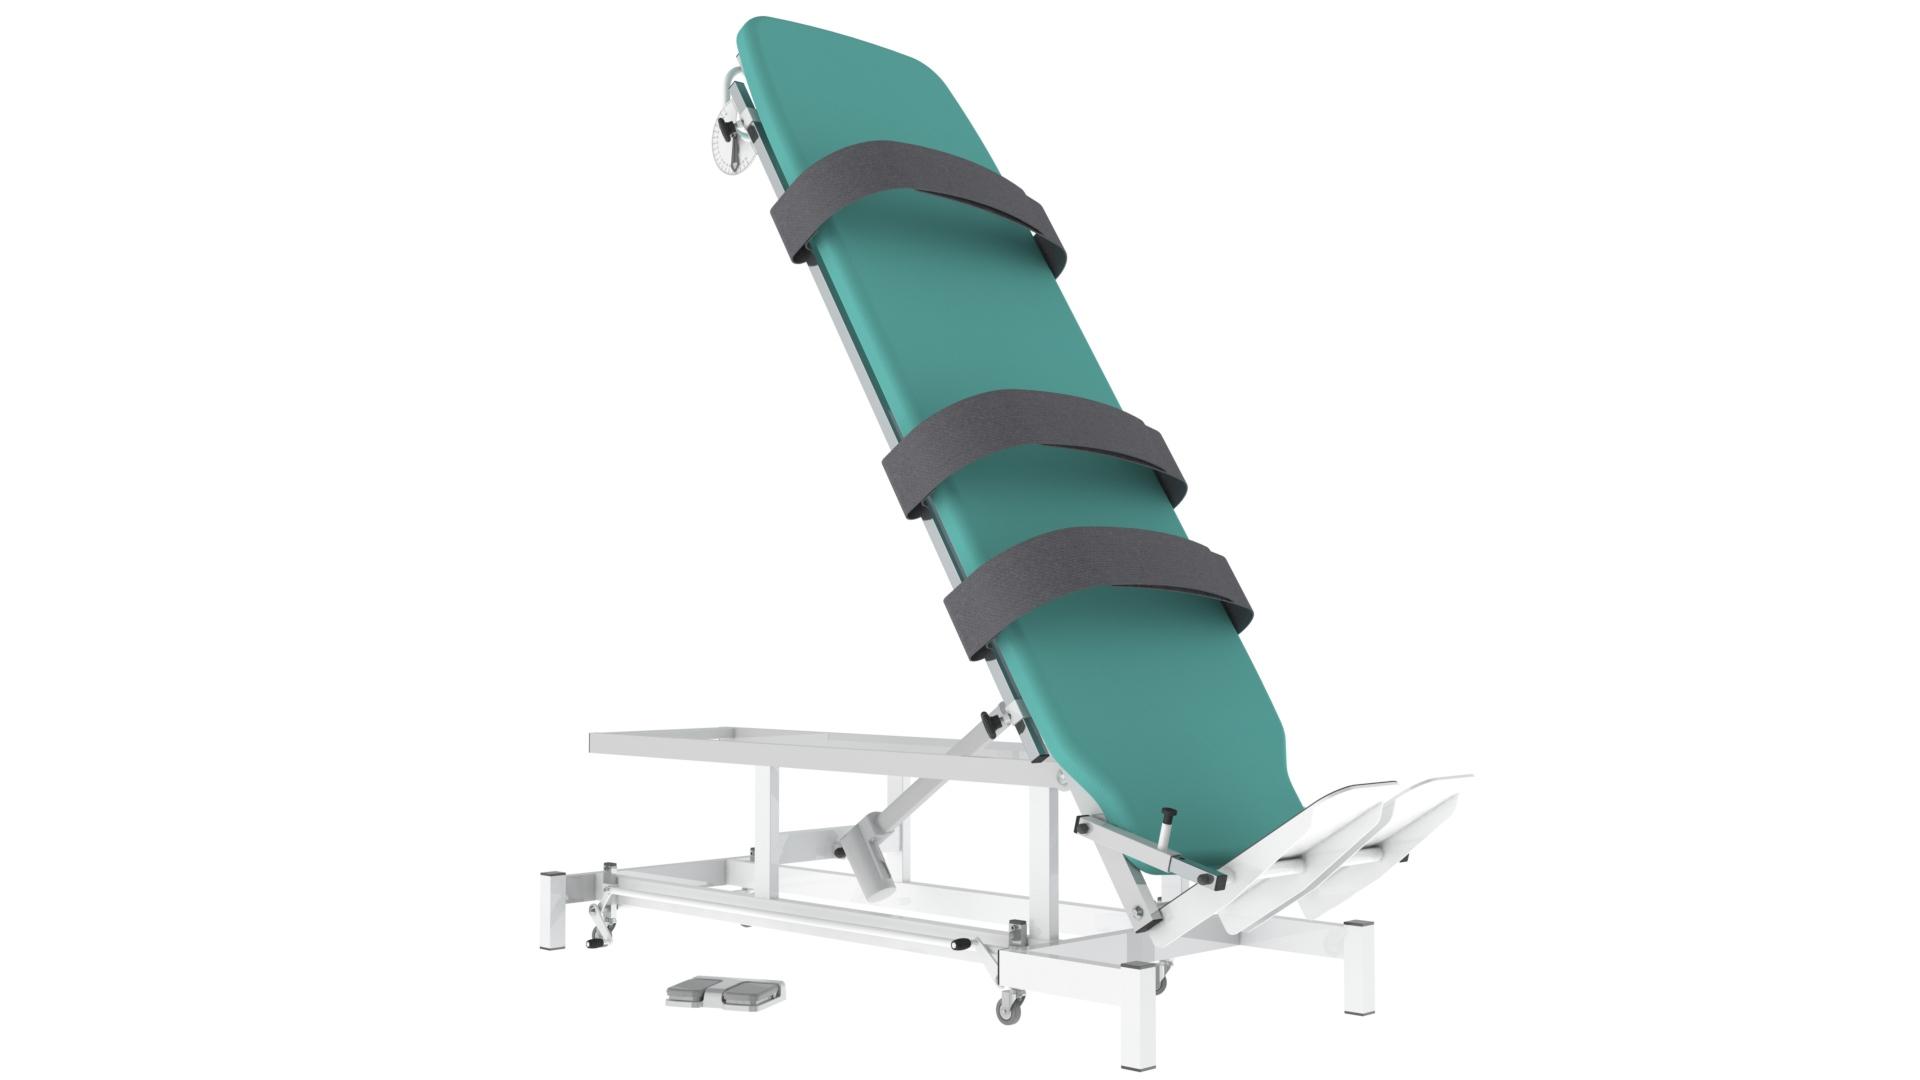 Plano Inclinado Elétrico Altura Fixa (Mesa Verticalização) - Fisioterapia - Reabilitação